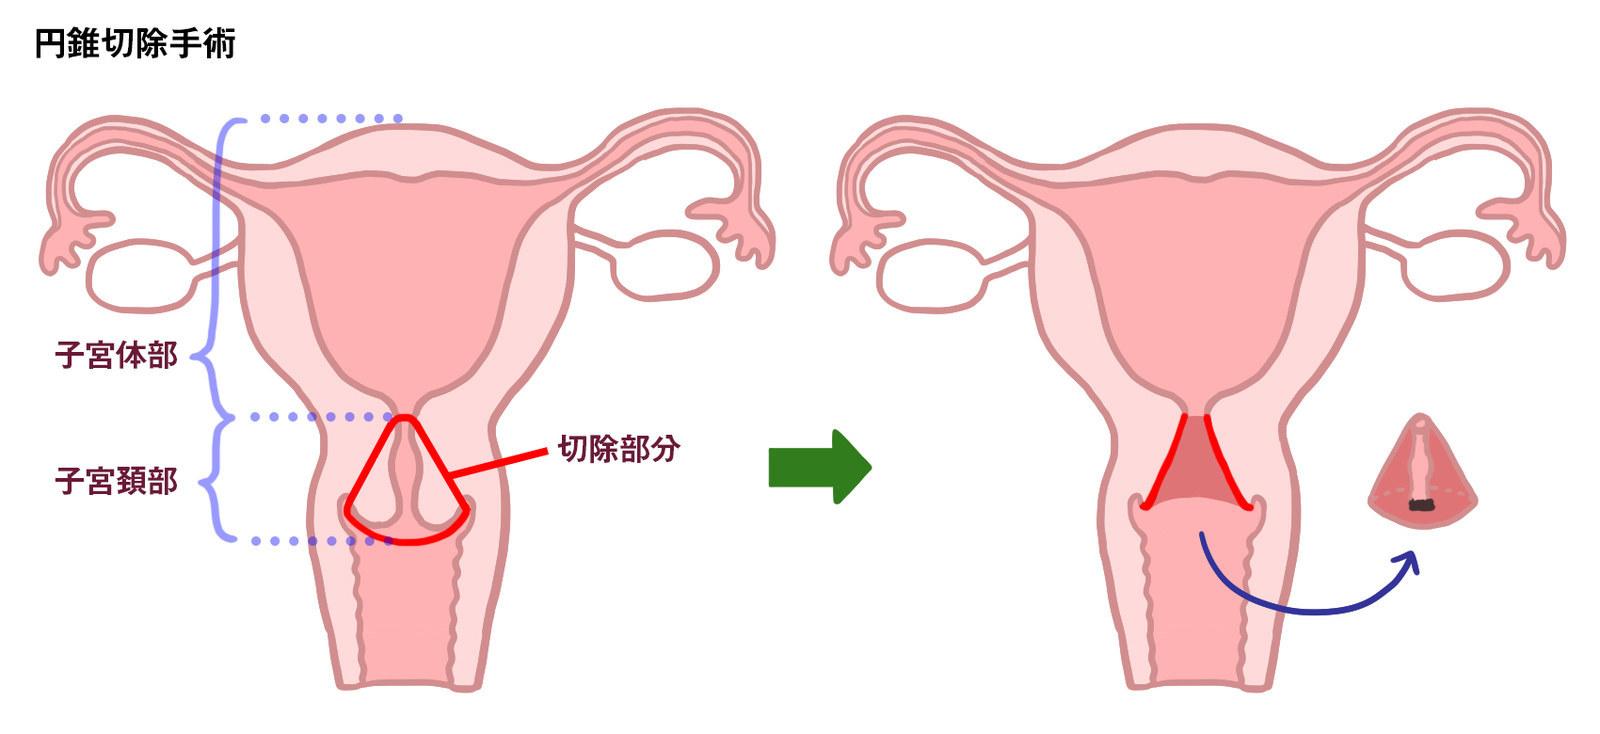 子宮頸がんは働き方の問題でもある」 32歳、ある女性の選択